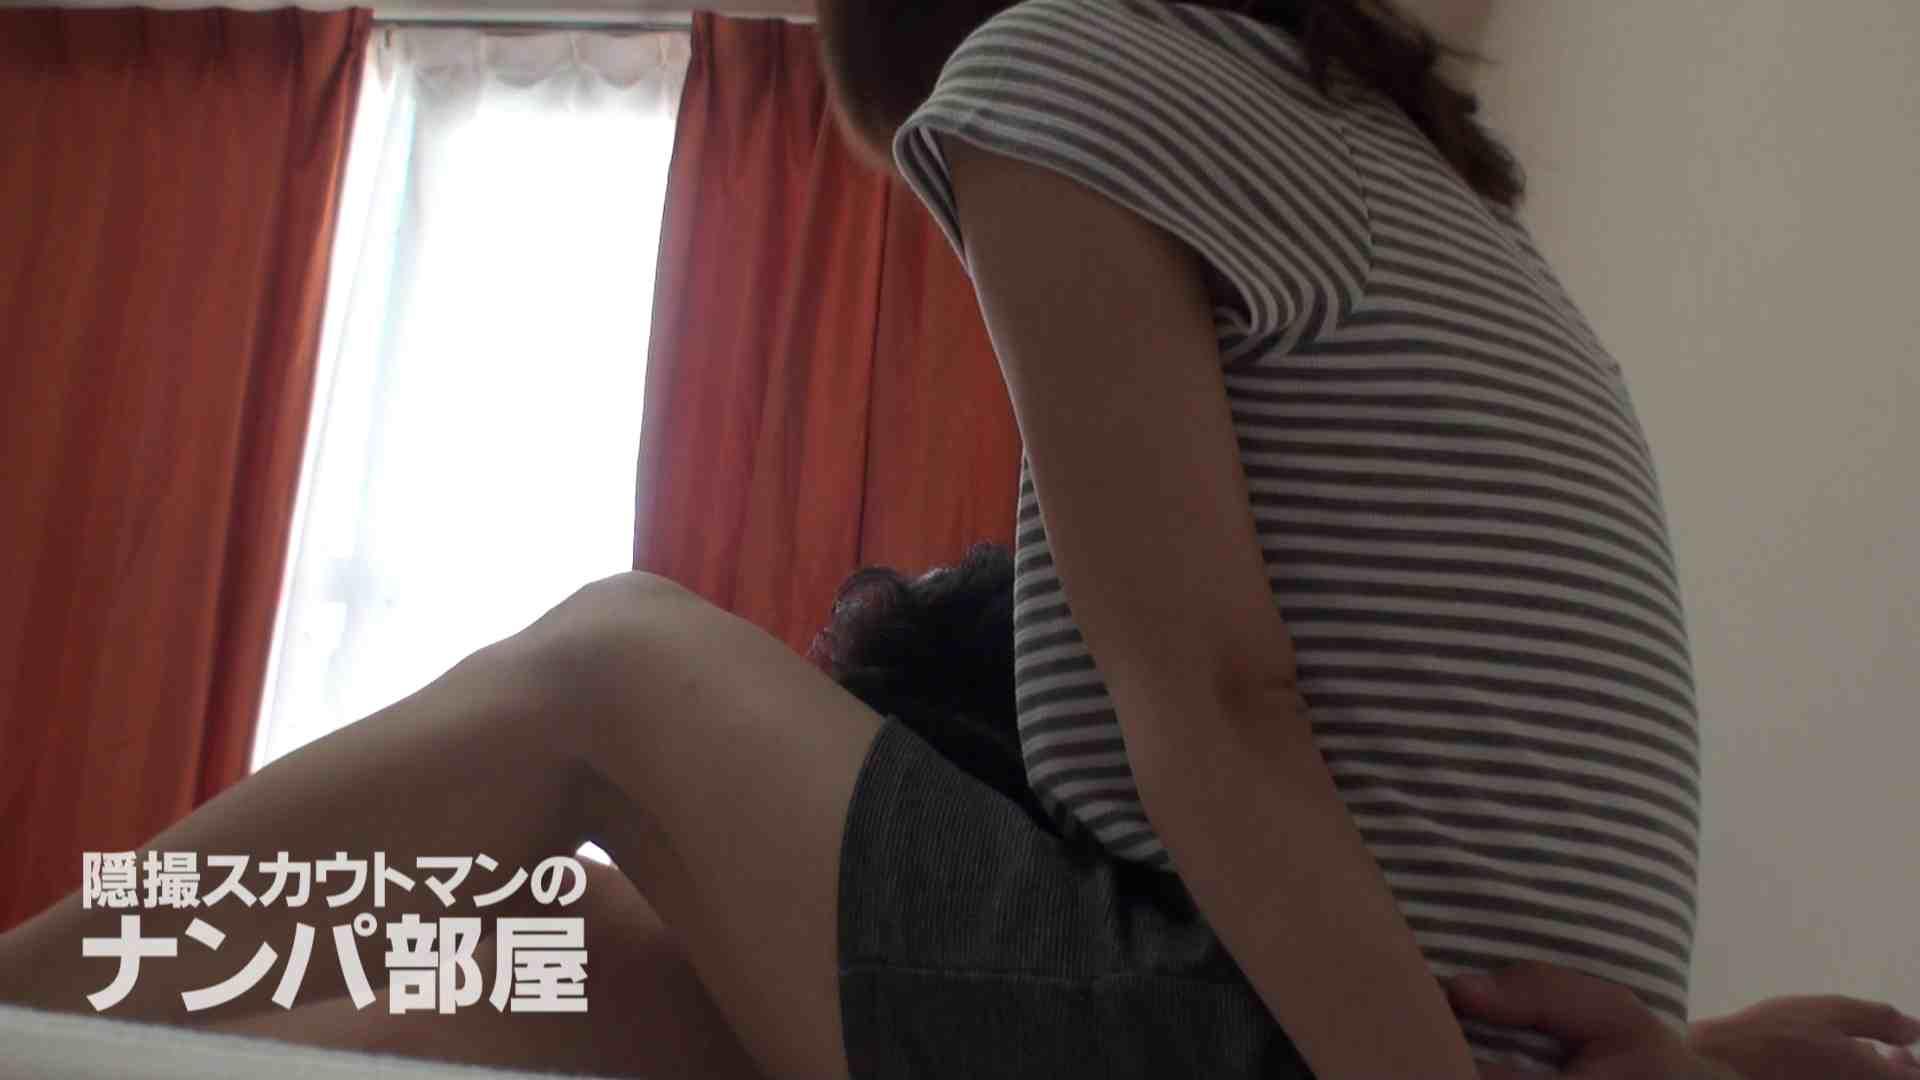 隠撮スカウトマンのナンパ部屋~風俗デビュー前のつまみ食い~ siivol.3 SEX | 隠撮  76pic 45